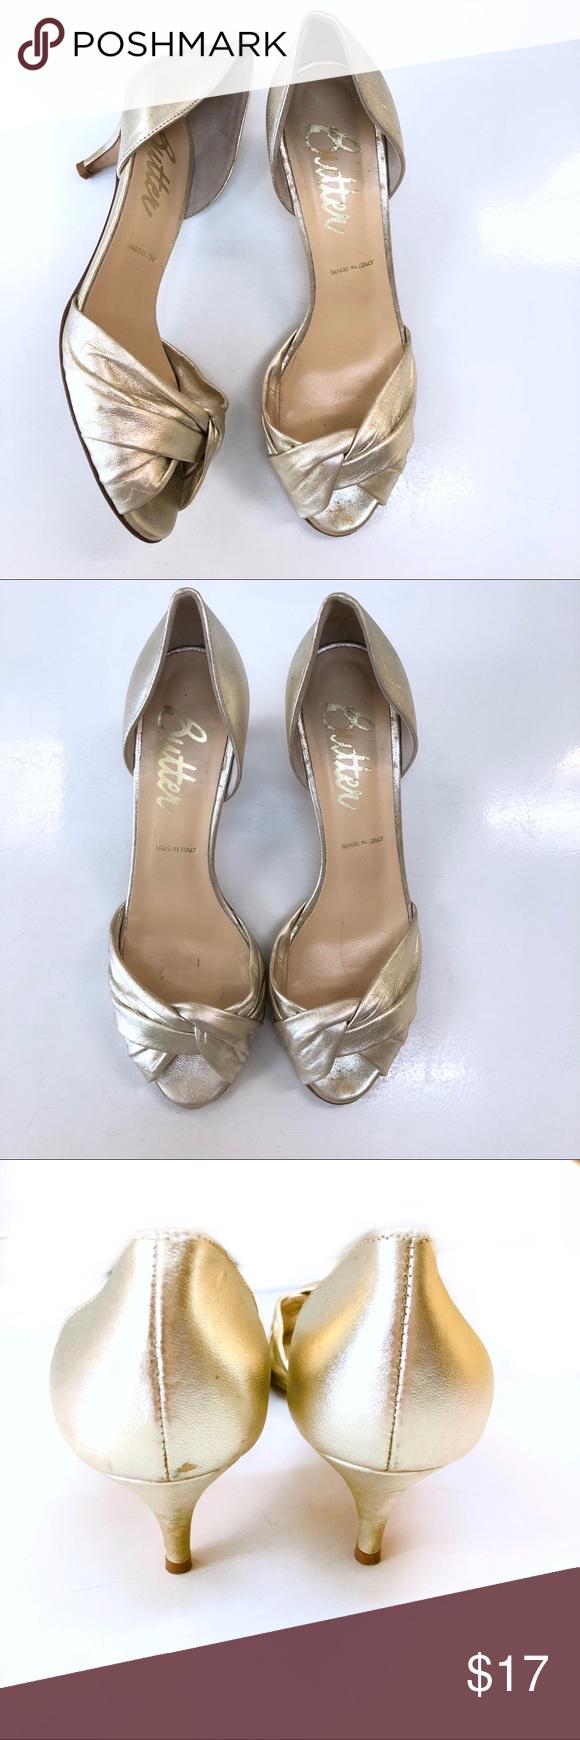 Butter Size 7 Gold Peep Toe Kitten Heels Made In Italy Size 7 Butter Peep Toe With Kitten Heel Butter Shoes Heel Shoes Women Heels Butter Shoes Kitten Heels